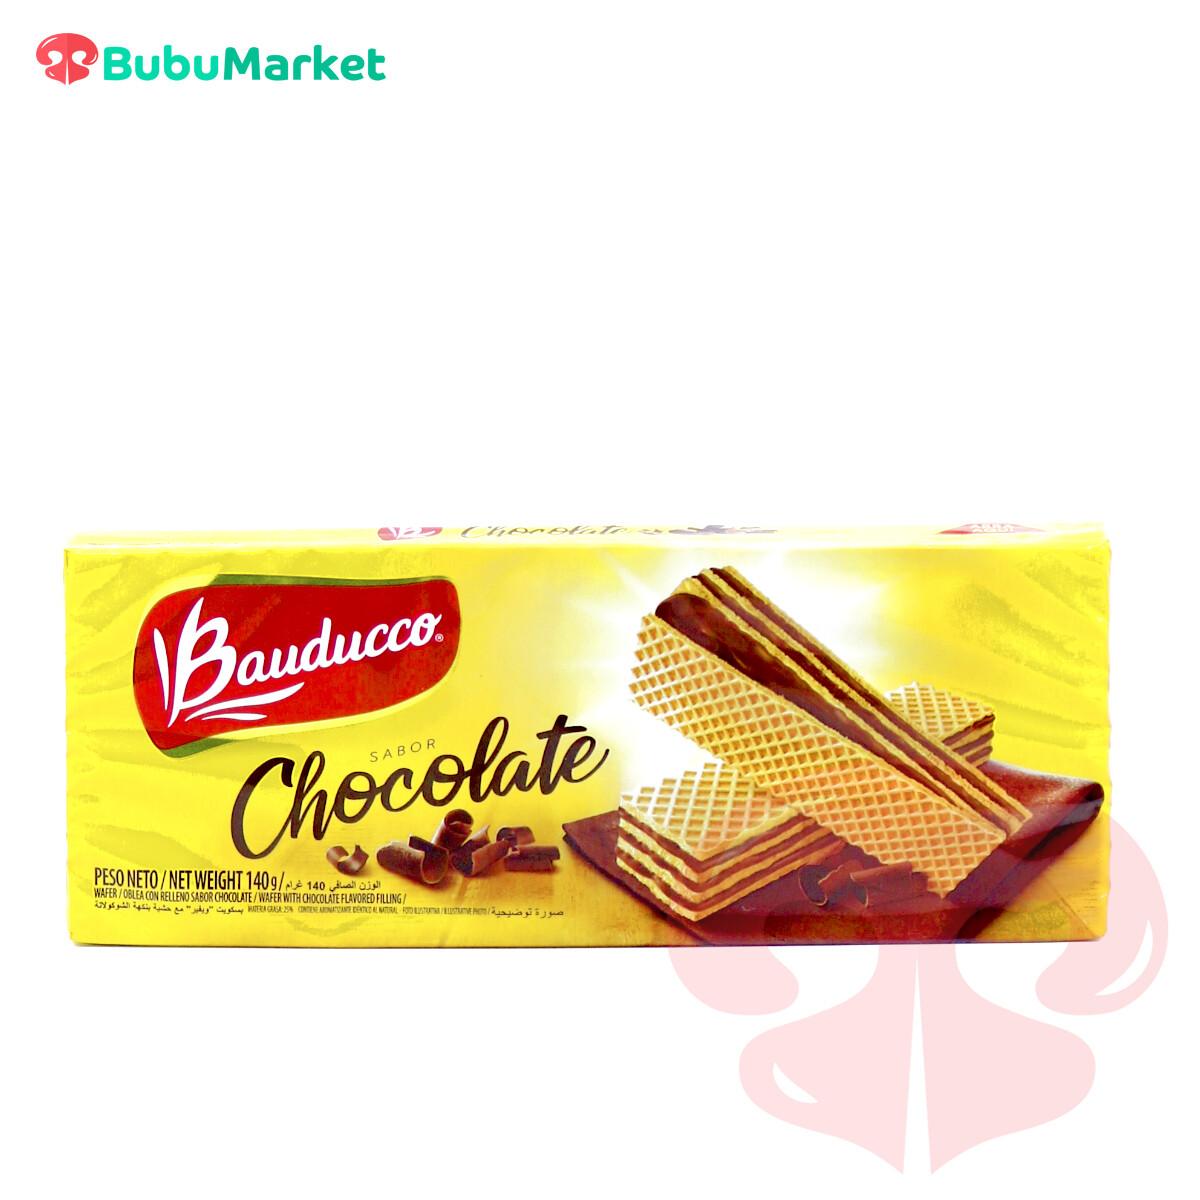 WAFFER DE CHOCOLATE BAUDUCCO 140 GR.